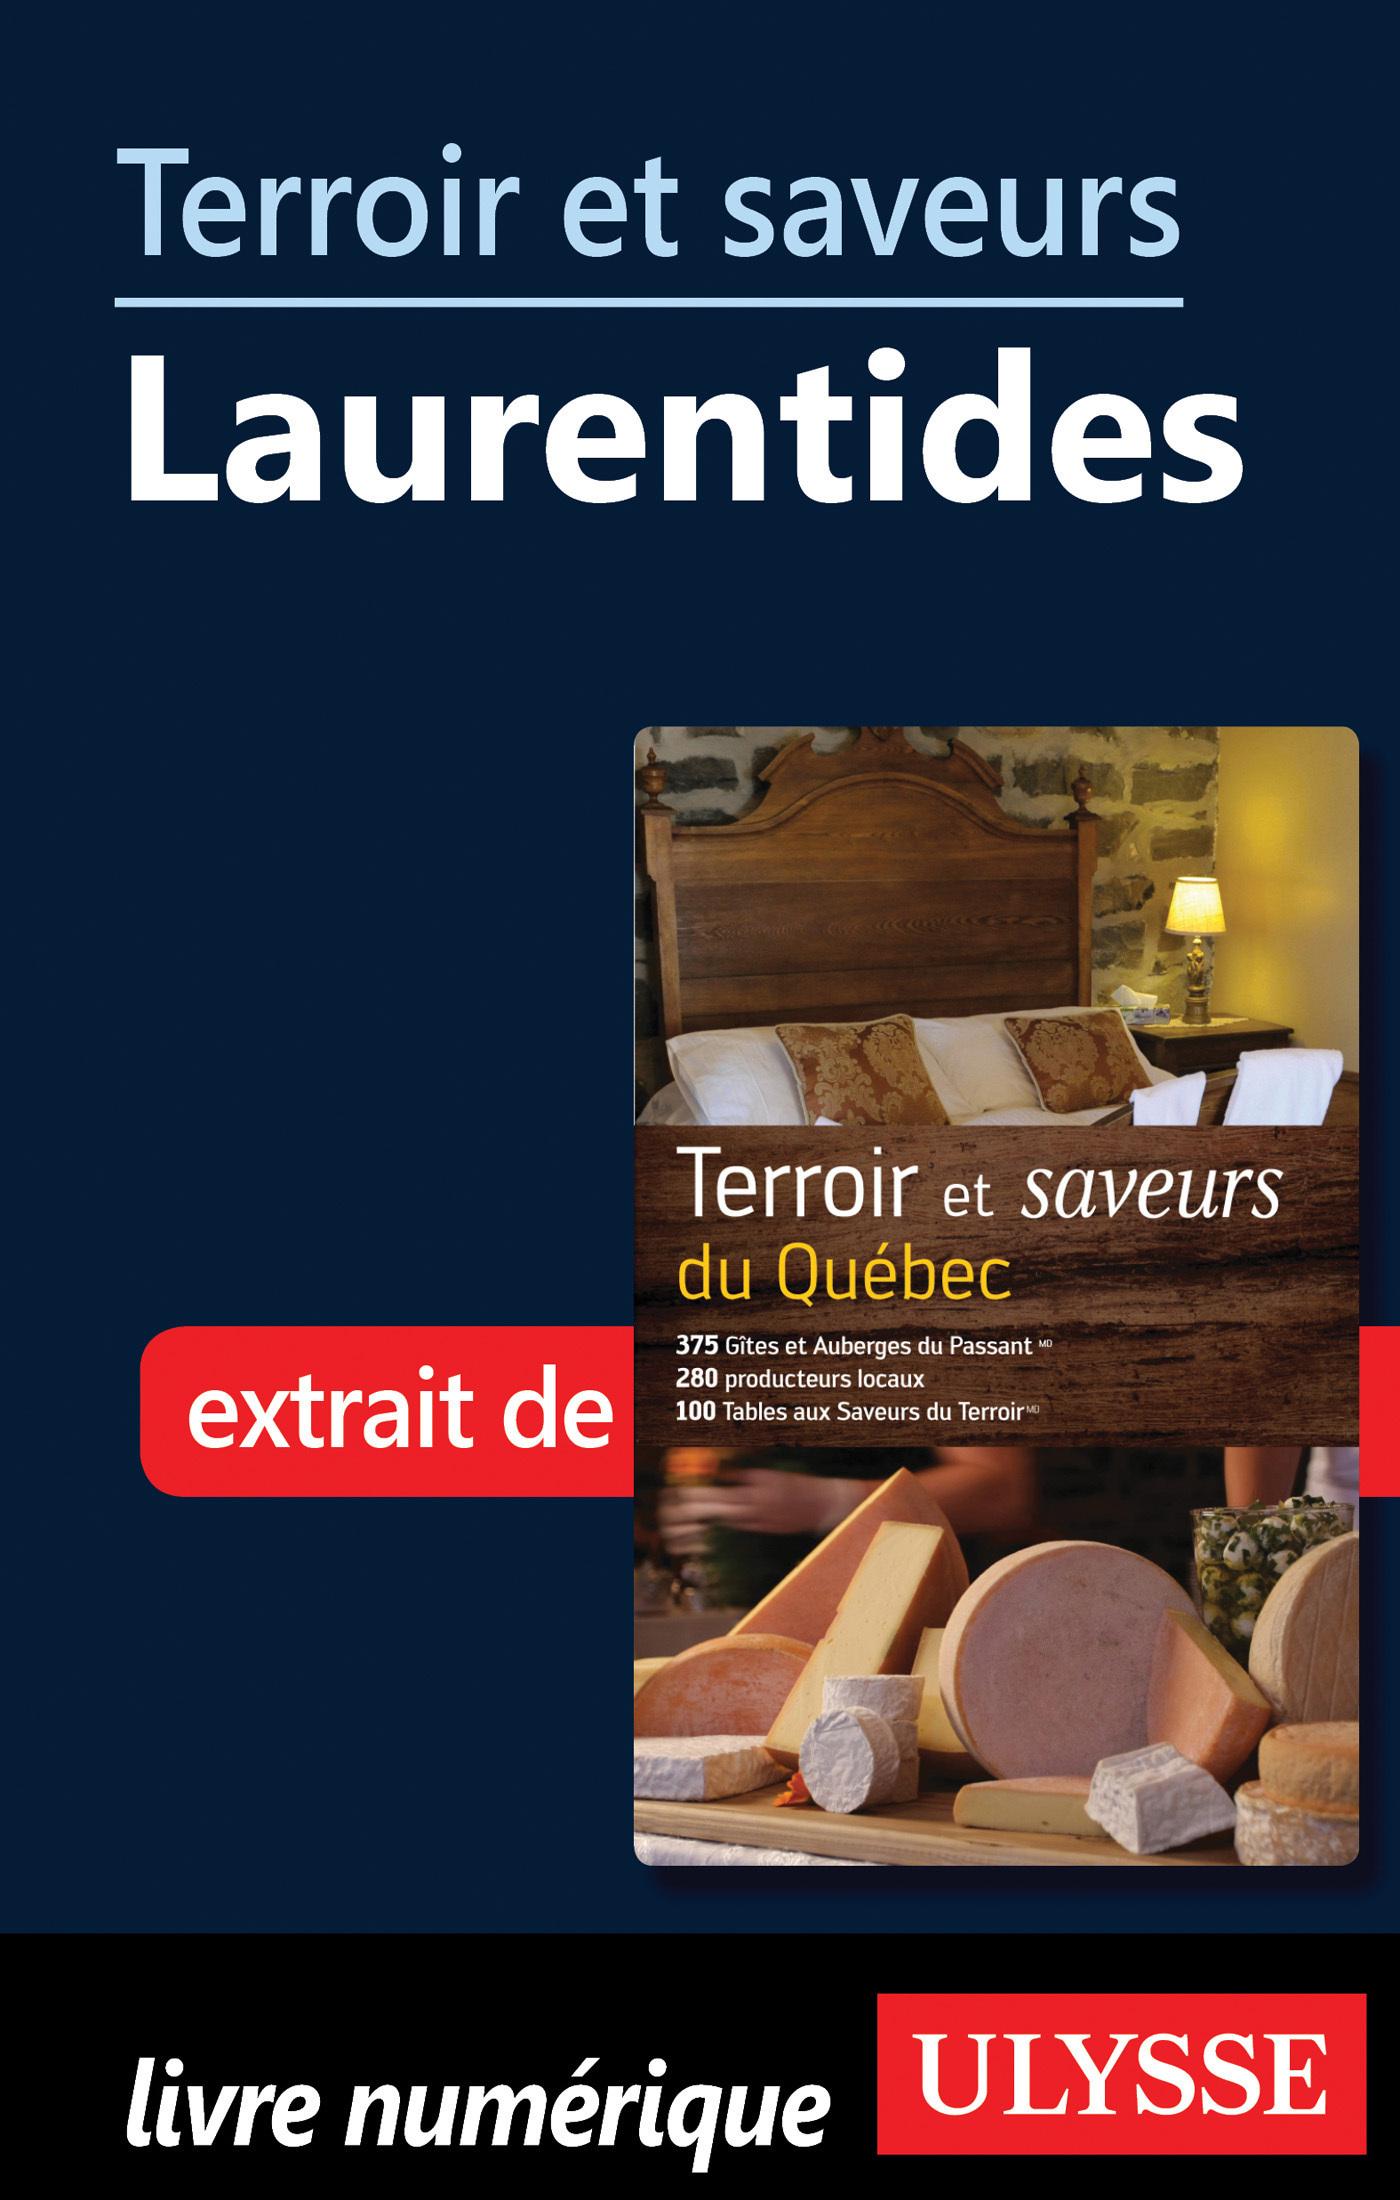 Terroir et saveurs - Laurentides